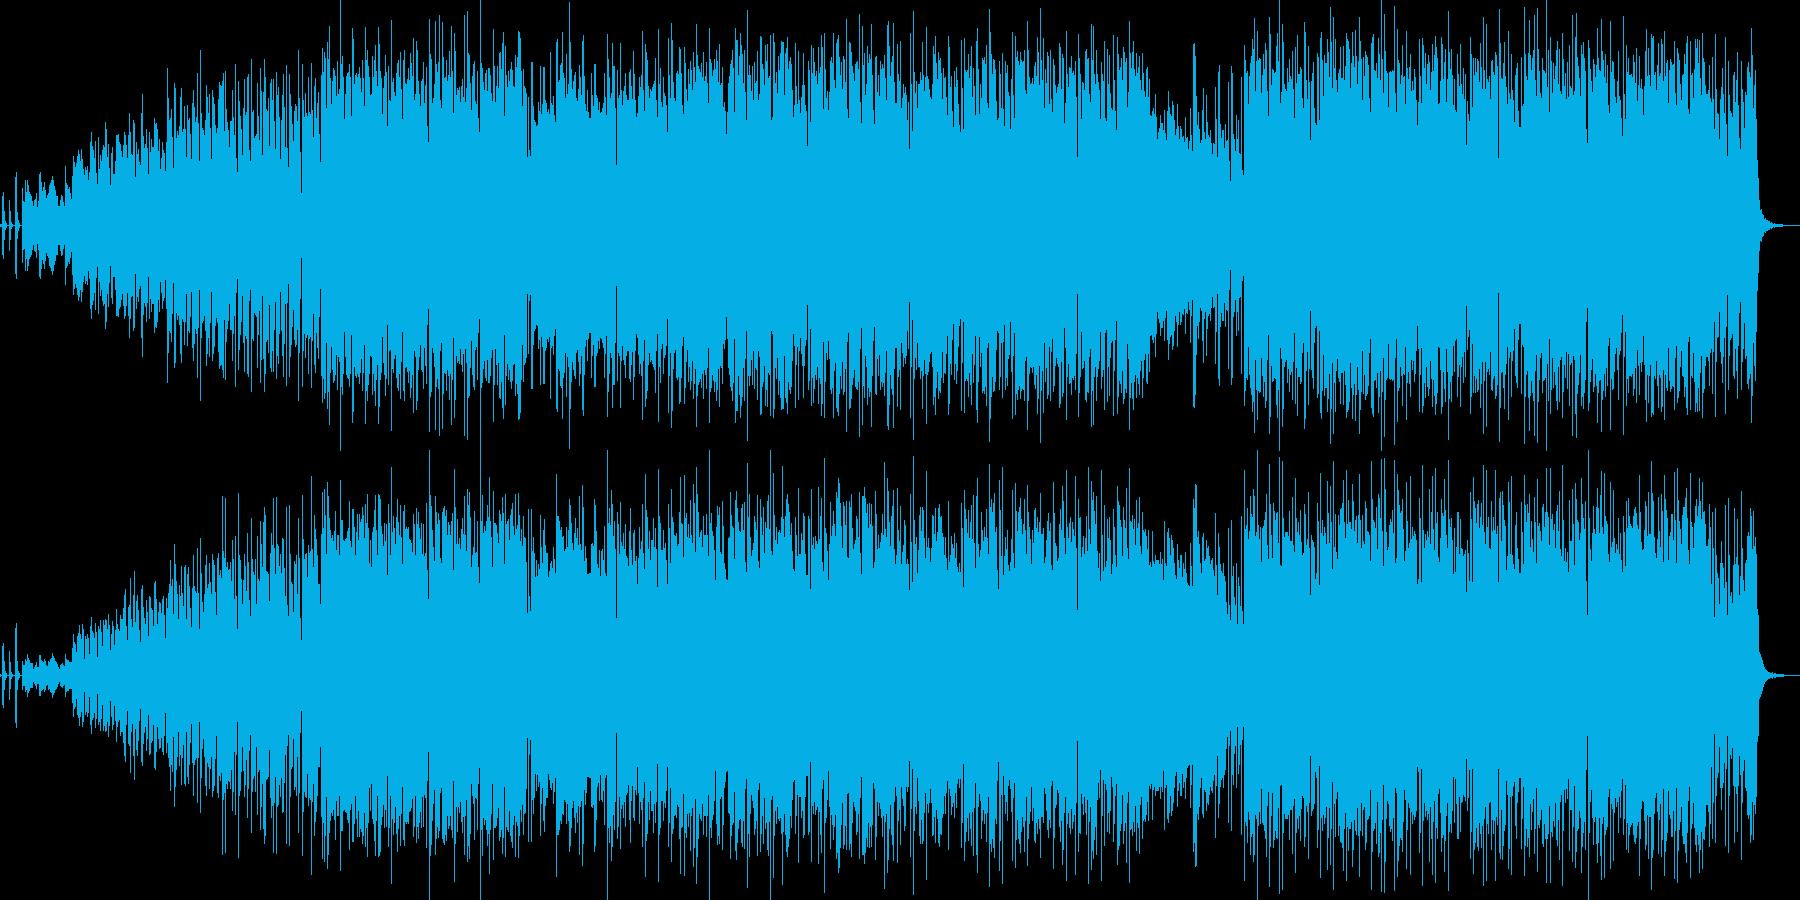 情熱的なトルコ風ユーロビートダンス曲の再生済みの波形